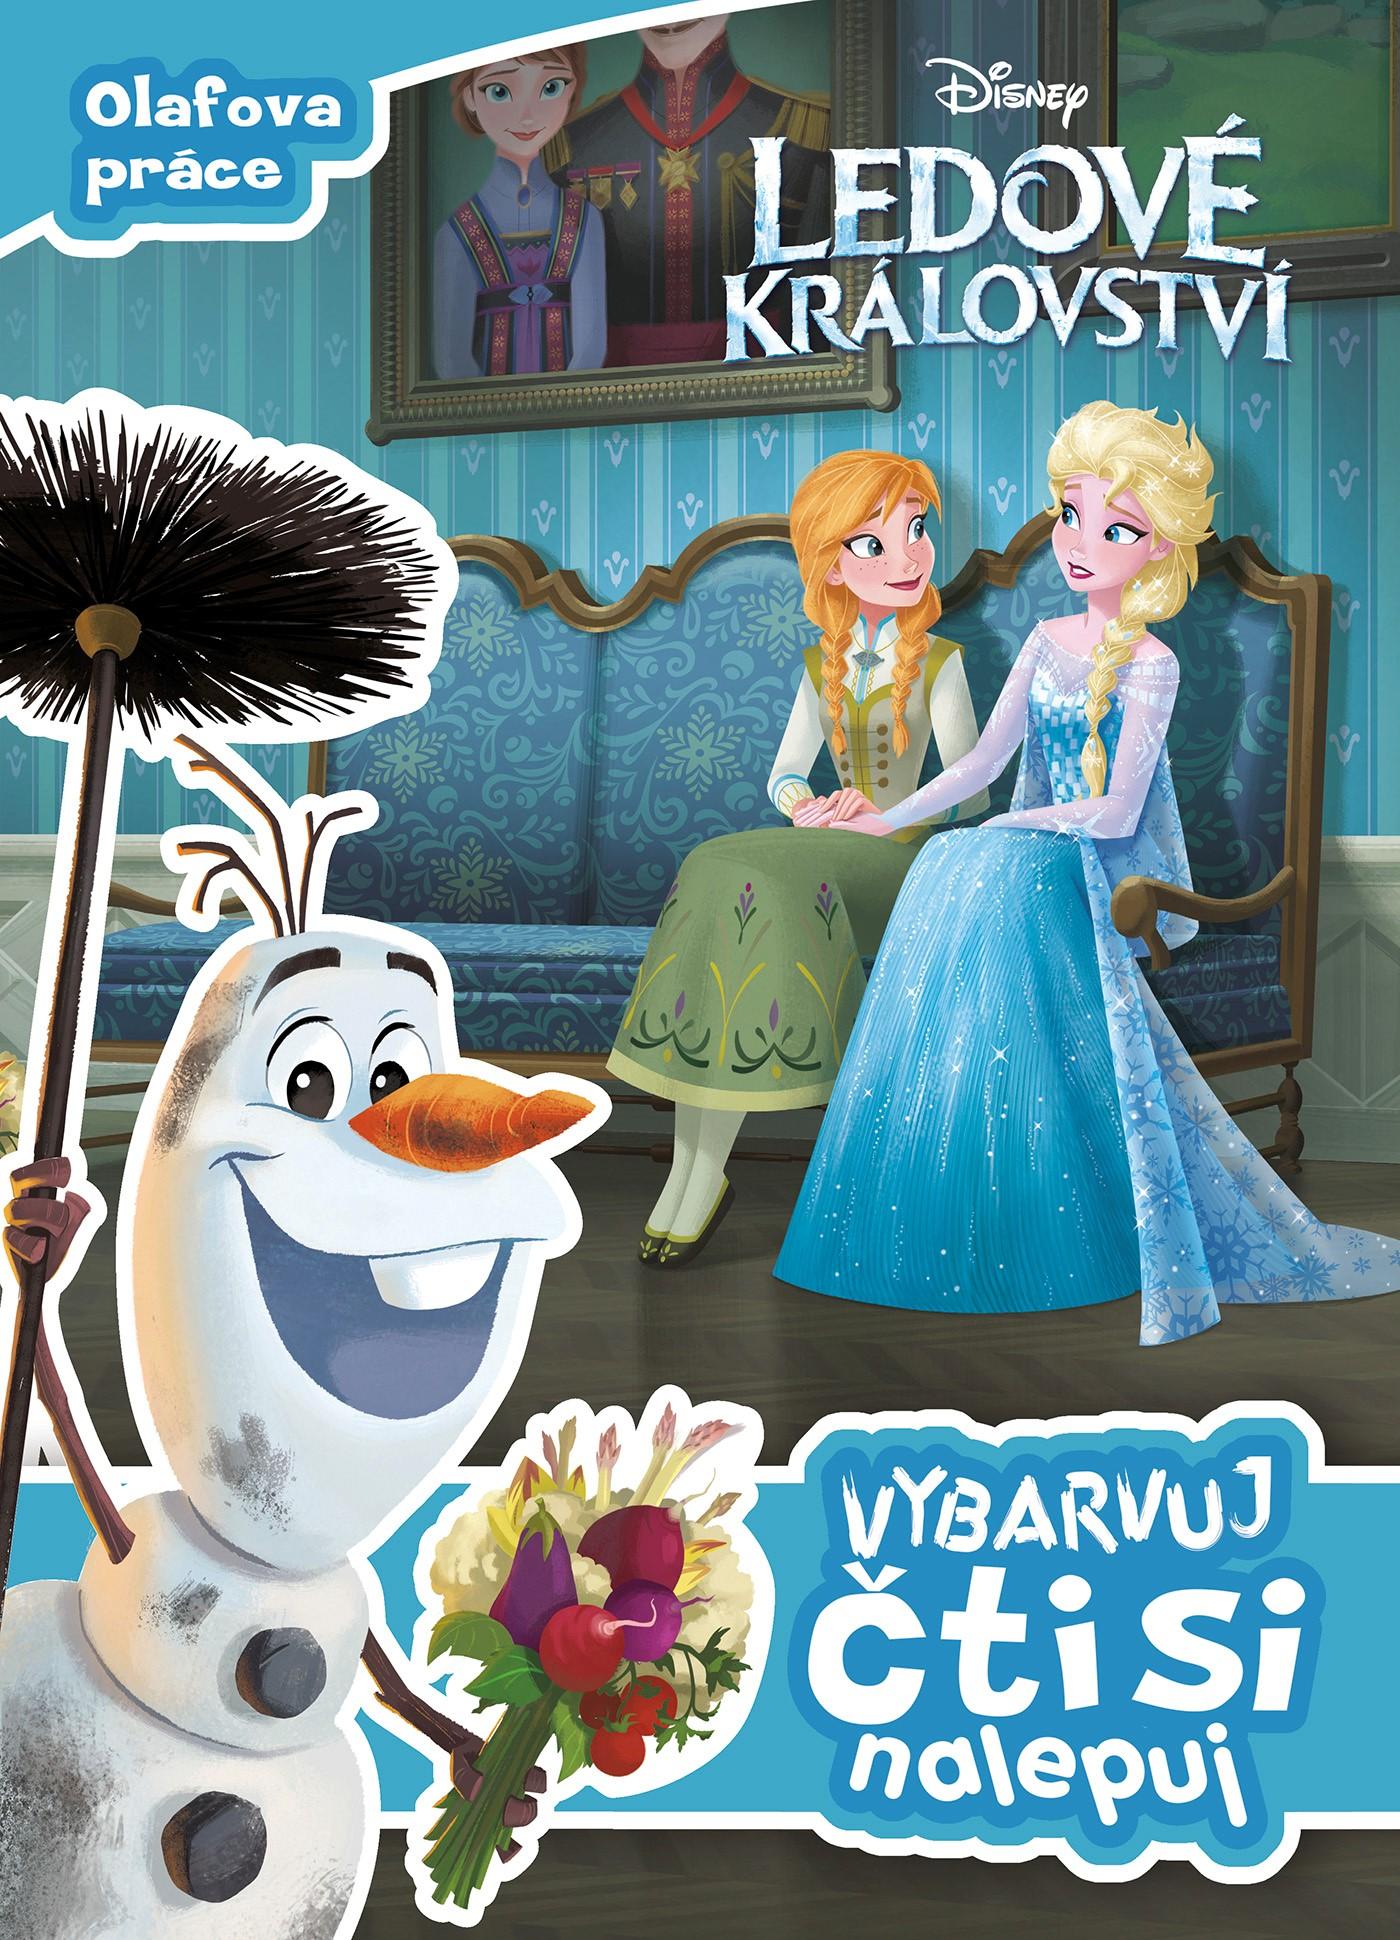 Ledové království - Olafova práce - Vybarvuj, čti si, nalepuj